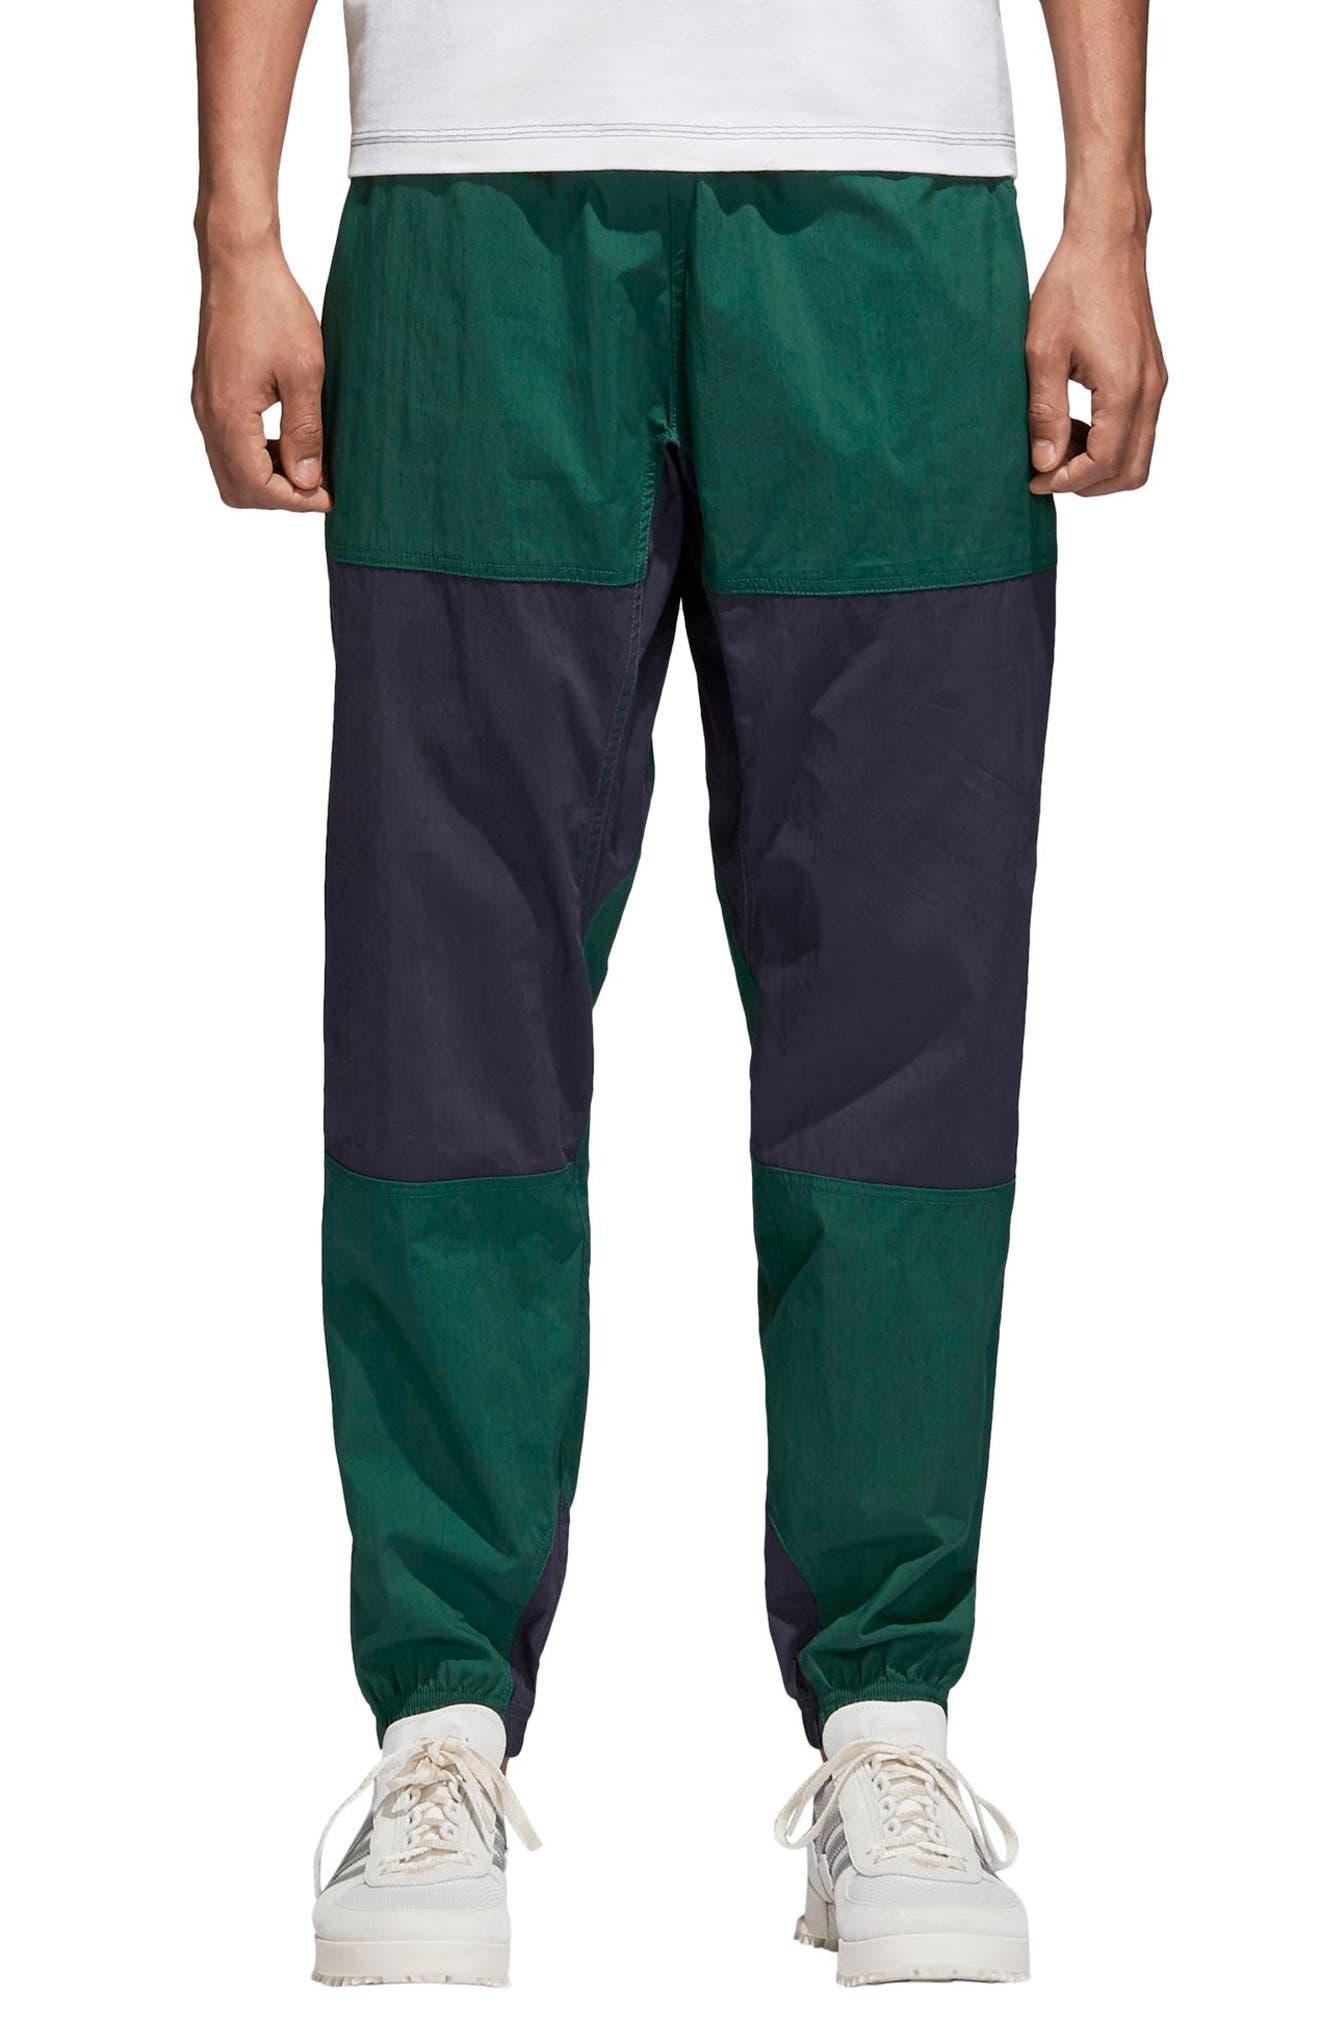 Atric Slim Fit Pants,                         Main,                         color, Collegiate Green